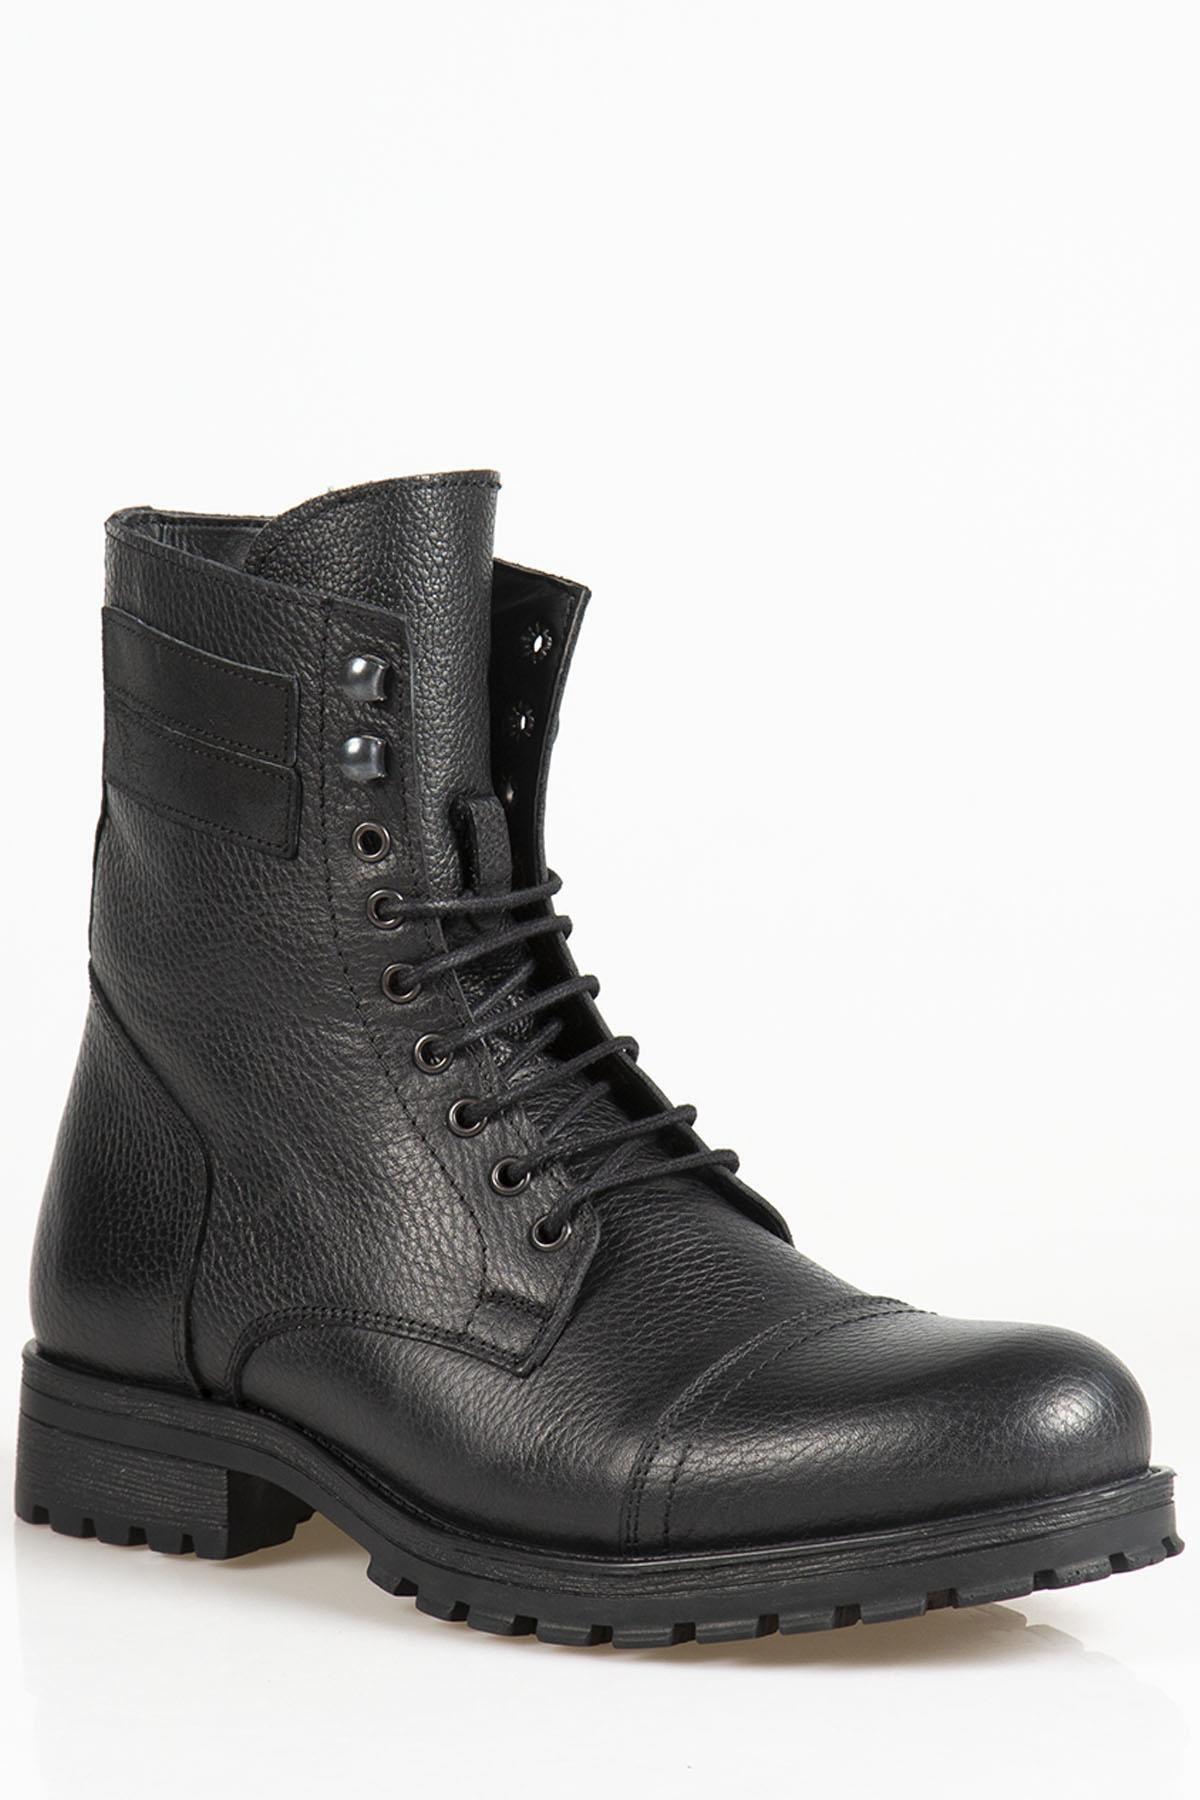 Ayakkabı Çarşı Kahverengi Askeri Kürklü Erkek Bot Bt118 1